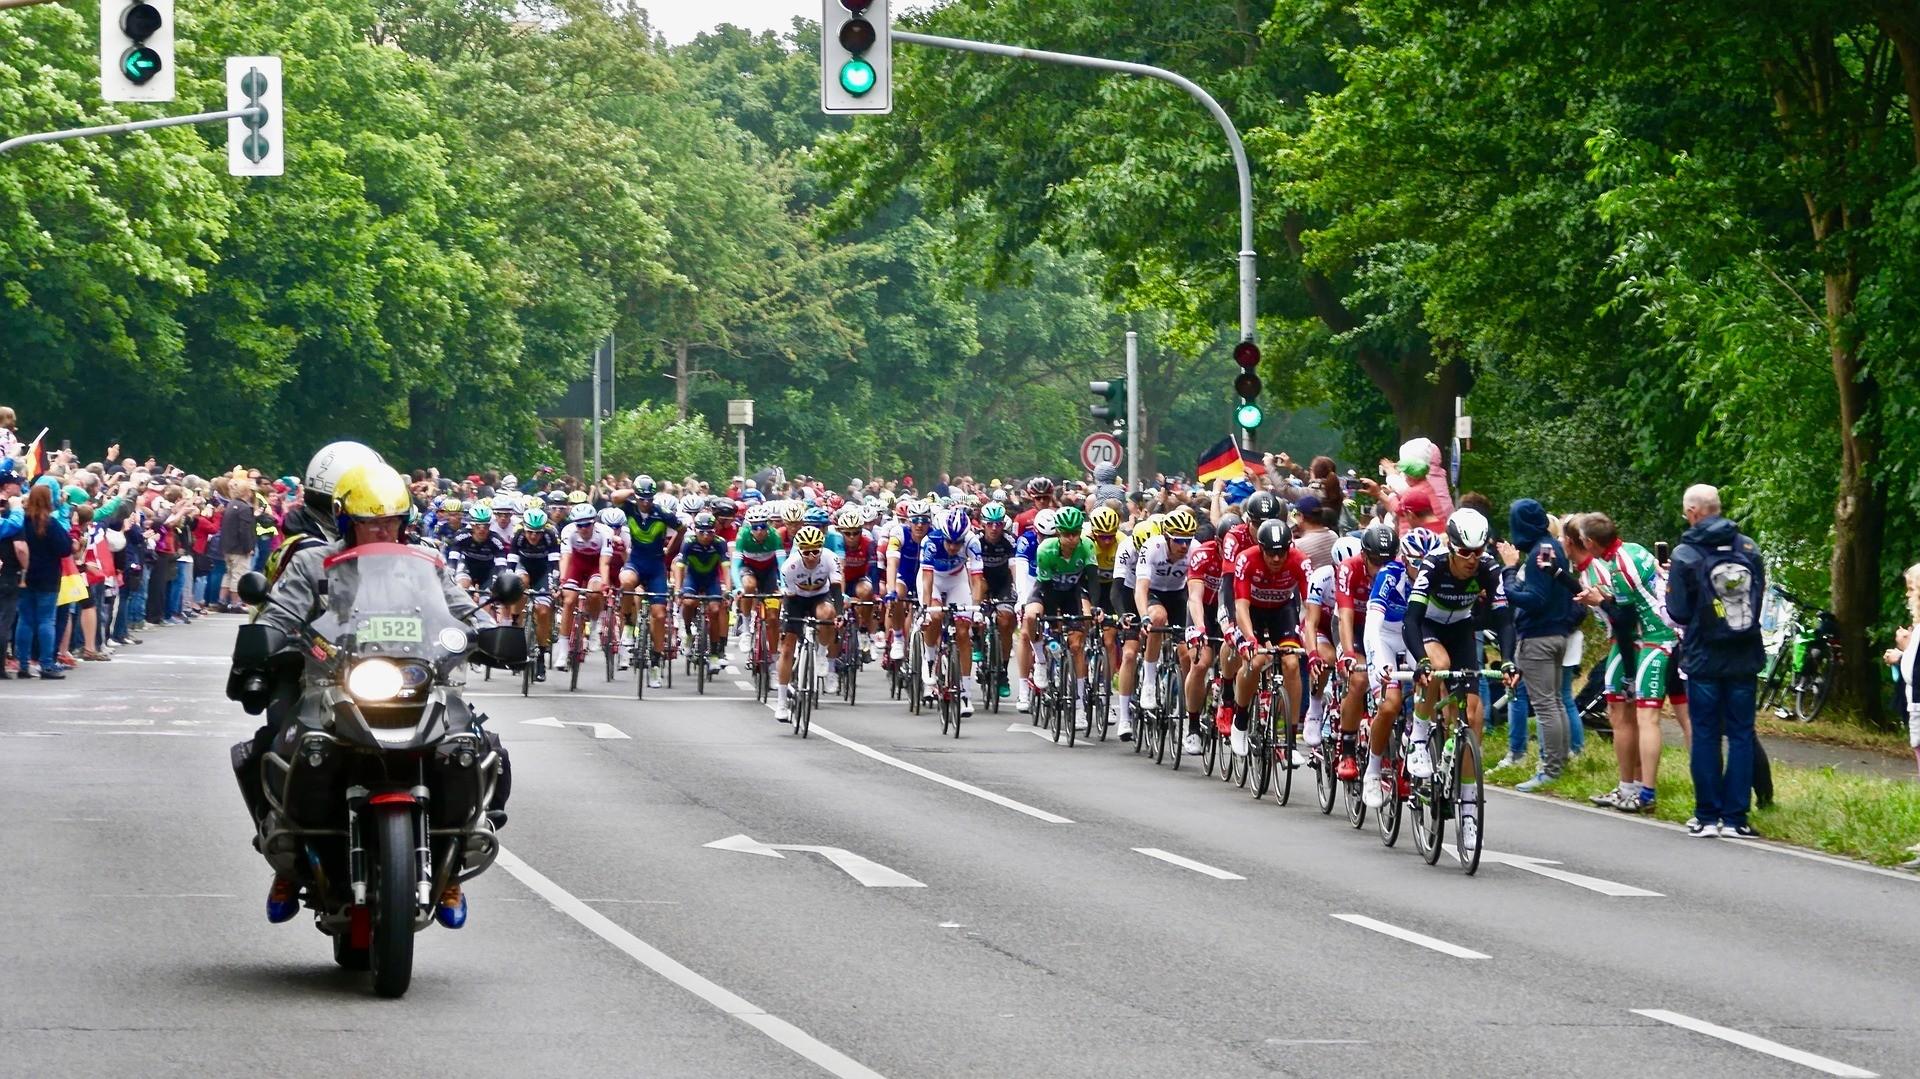 LCI la seule chaîne qui vous présente les détails du Tour de France 2019